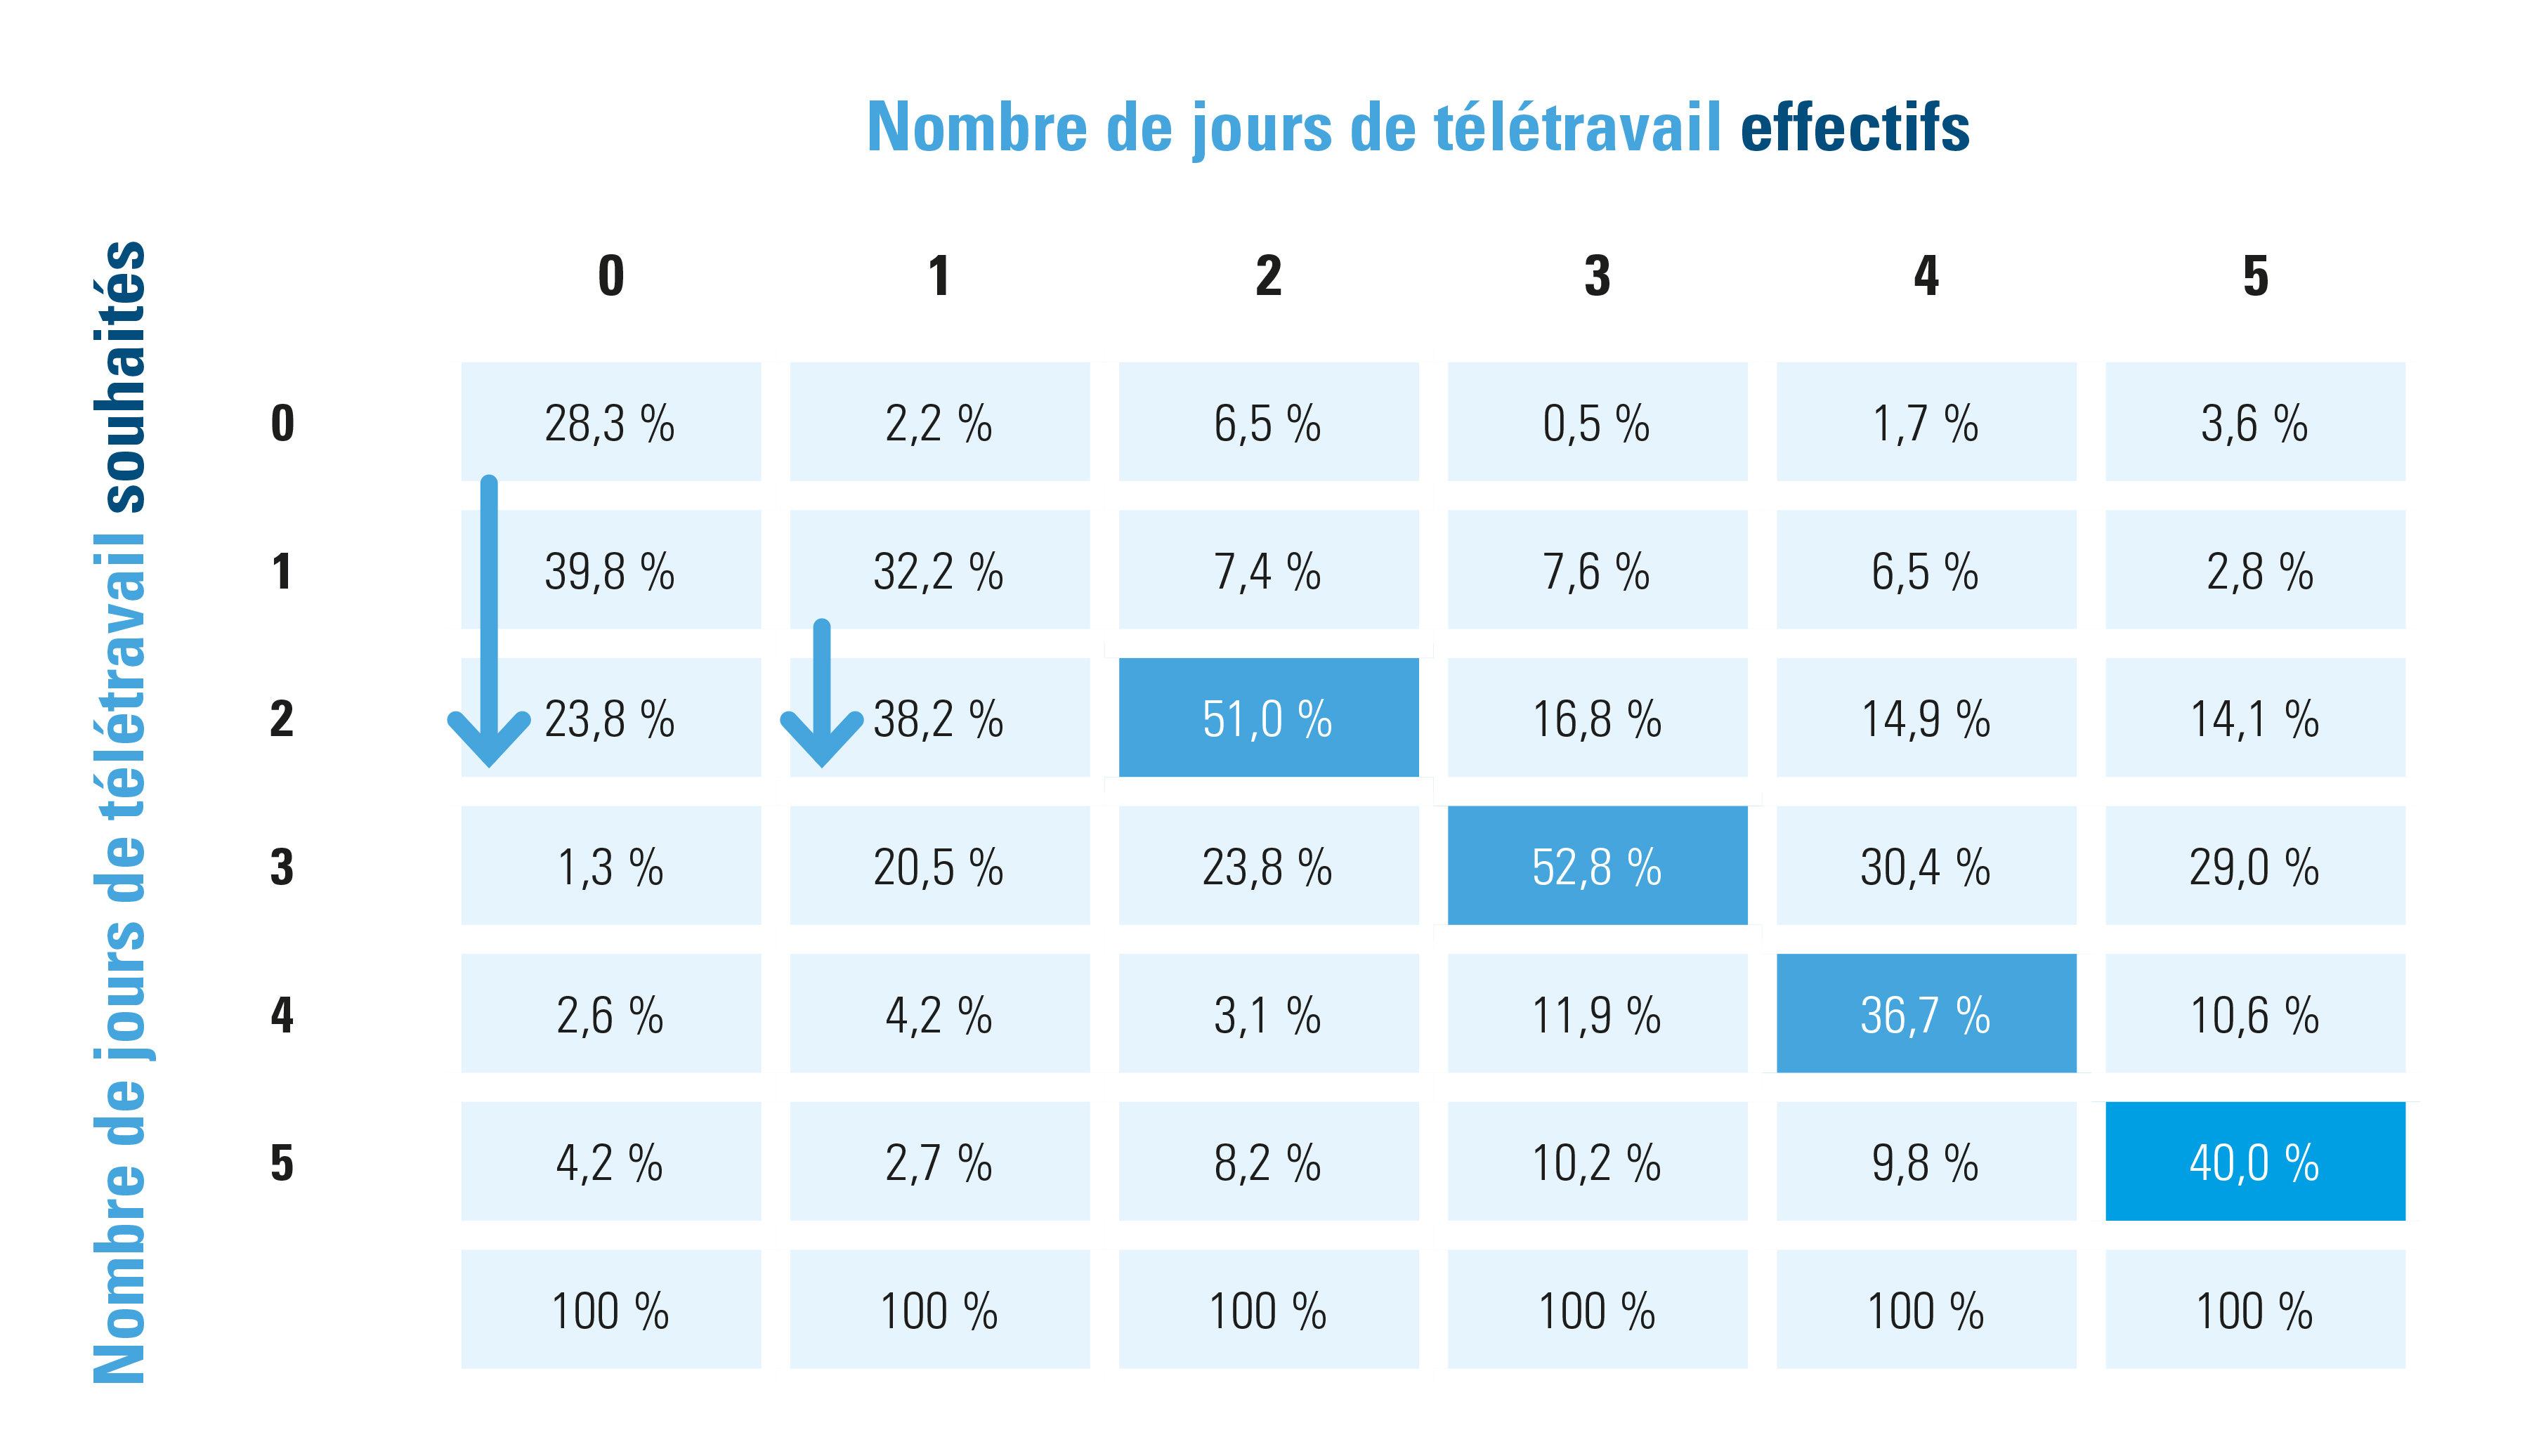 nombre de jours de télétravail effectifs vs nombre de jours de télétravail souhaités